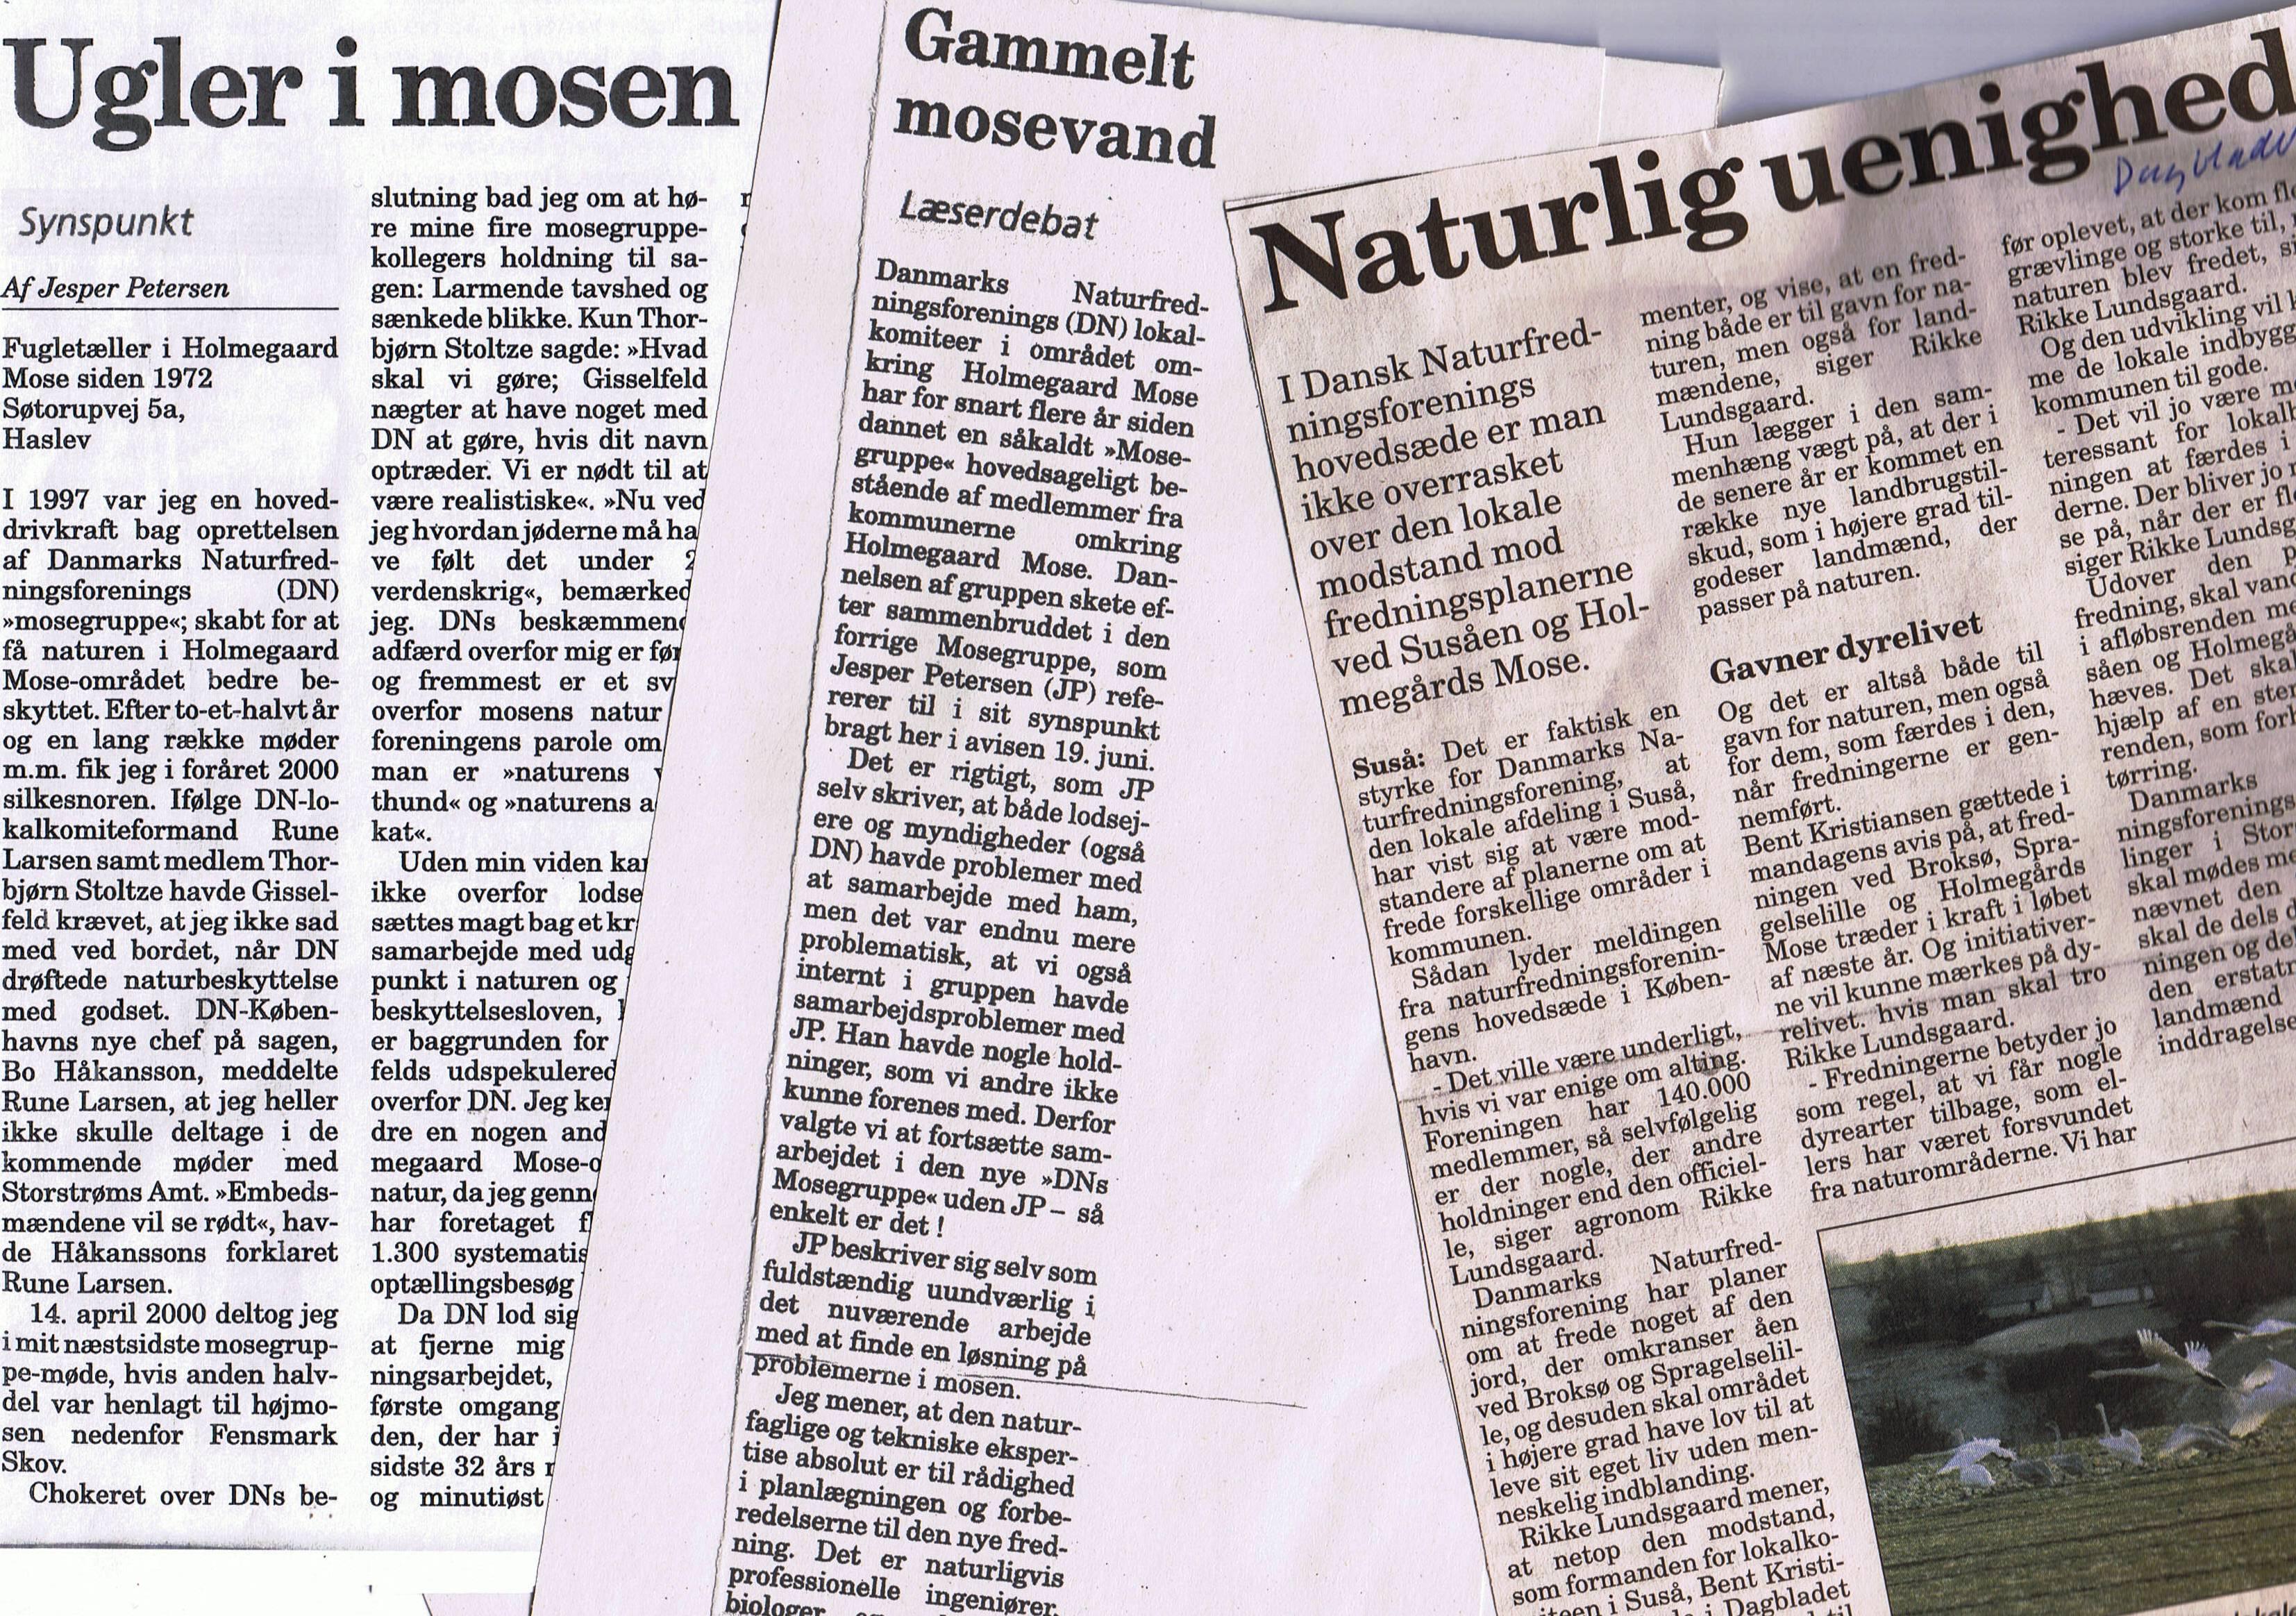 avisudklip fra 2004